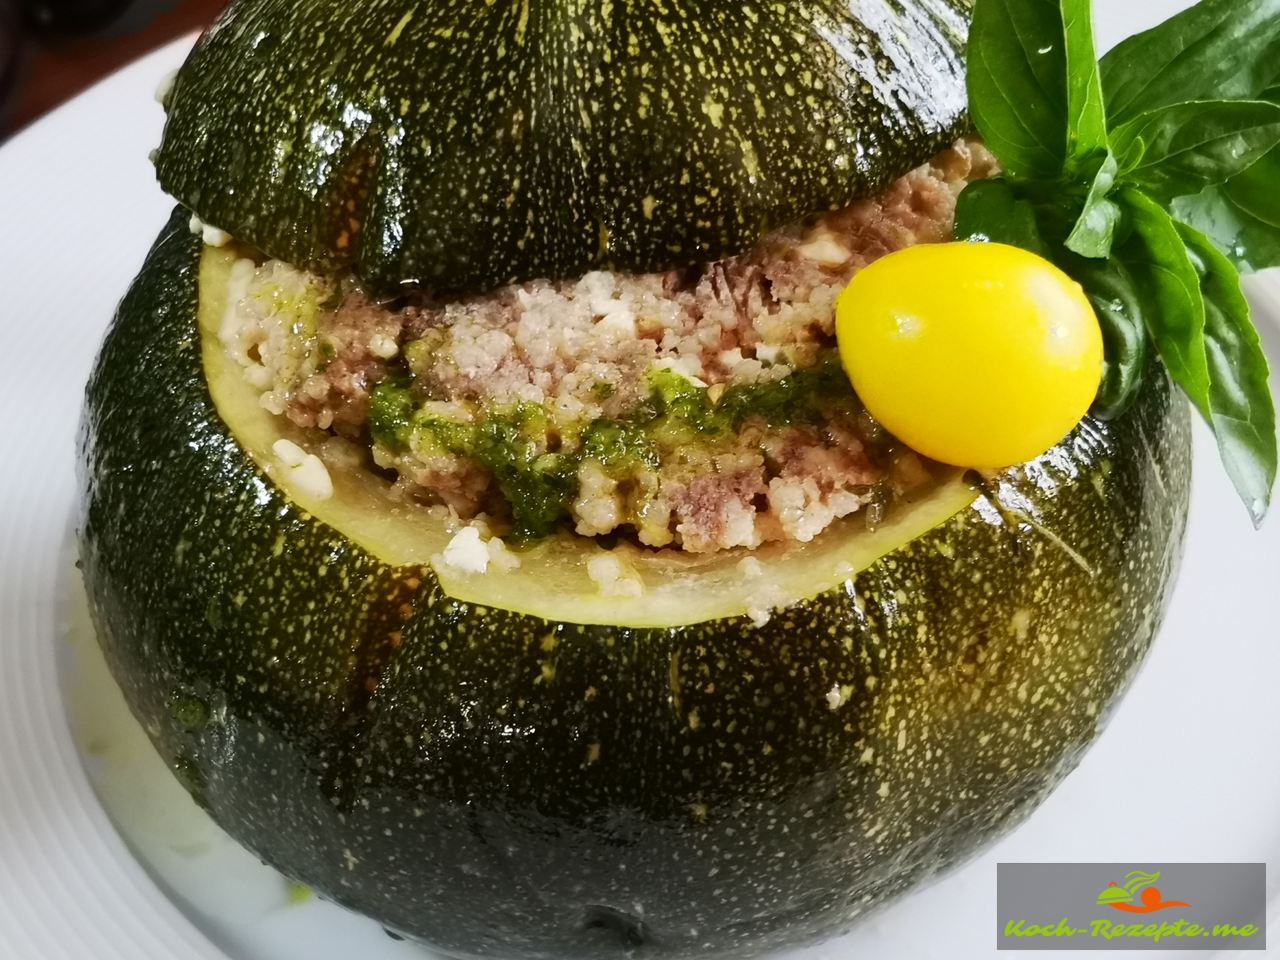 Fertig ist das Mittagsessen:Kugelzucchini gefüllt mit Rinder-Hackfleisch,Couscous und Feta